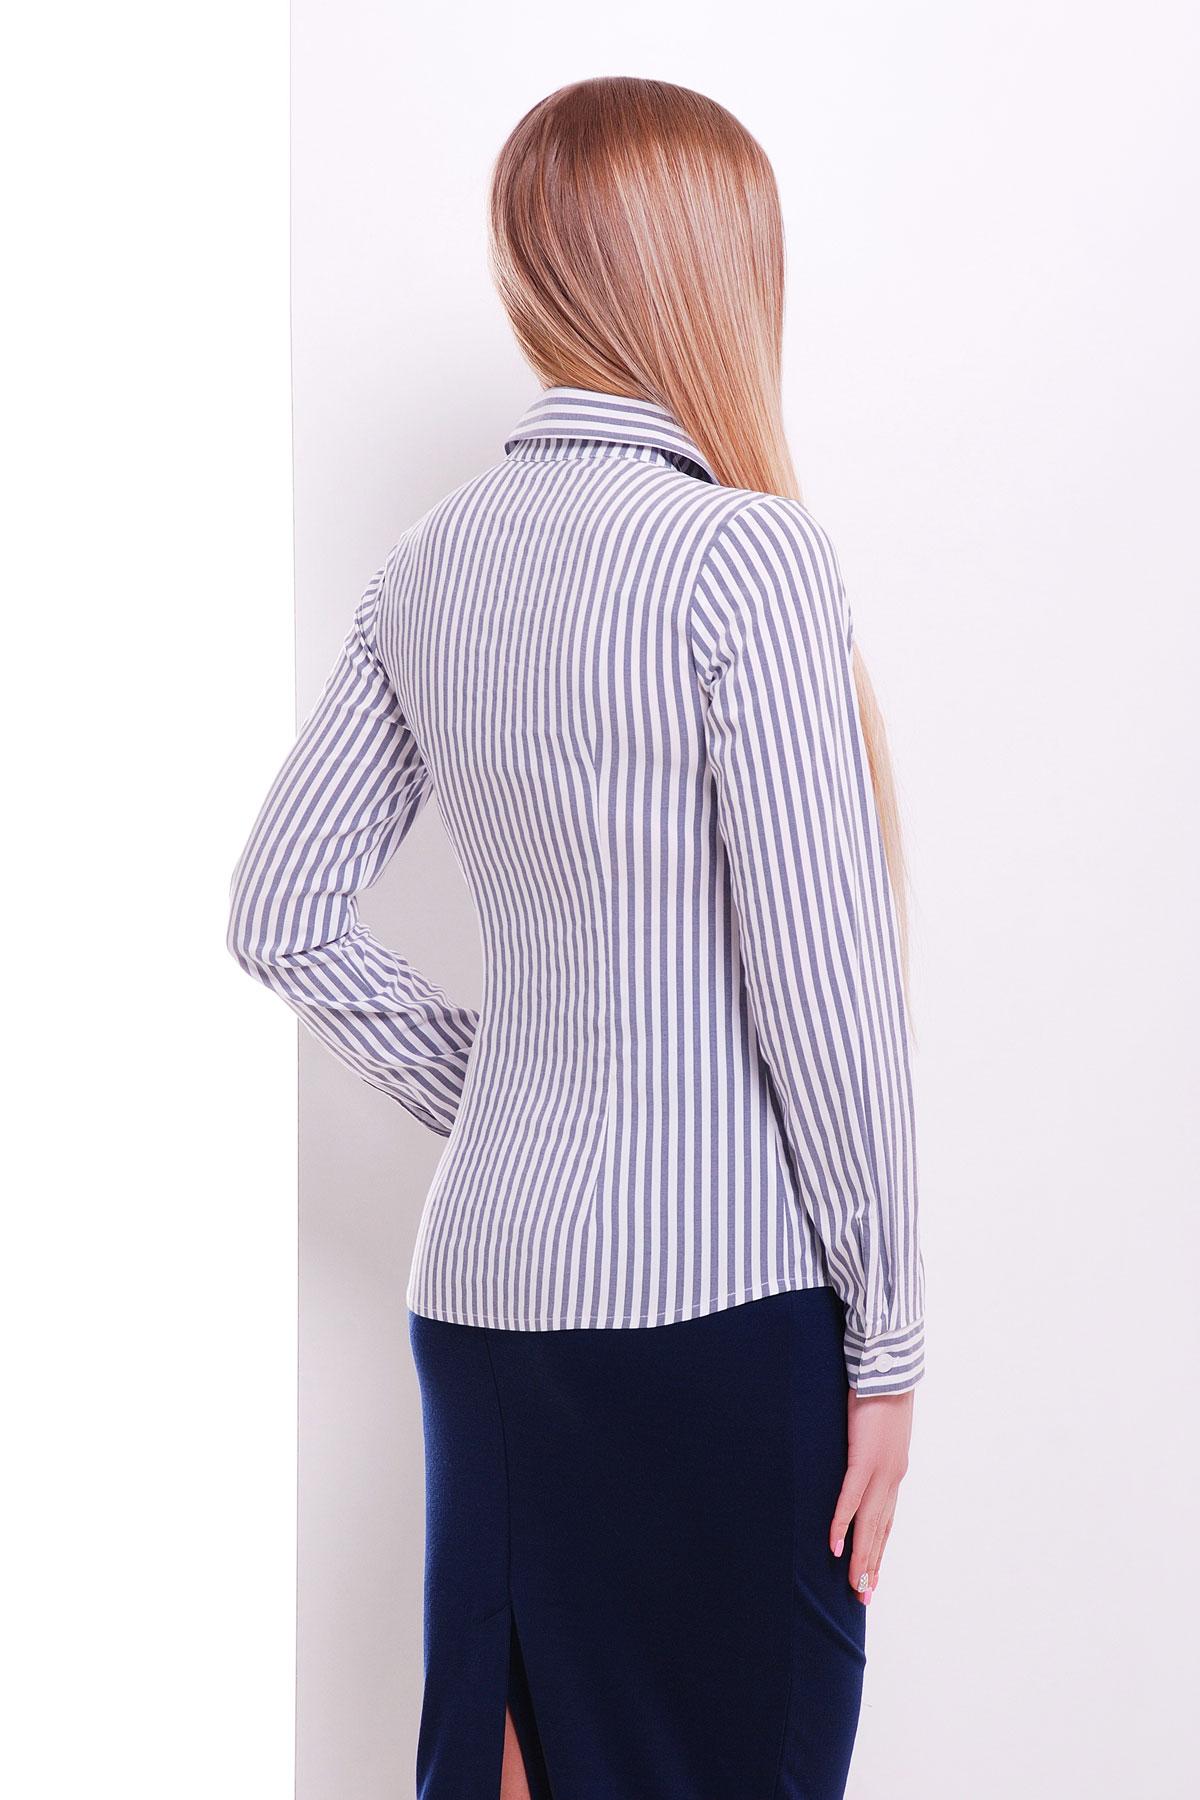 Купить блузку с длиным рукавом